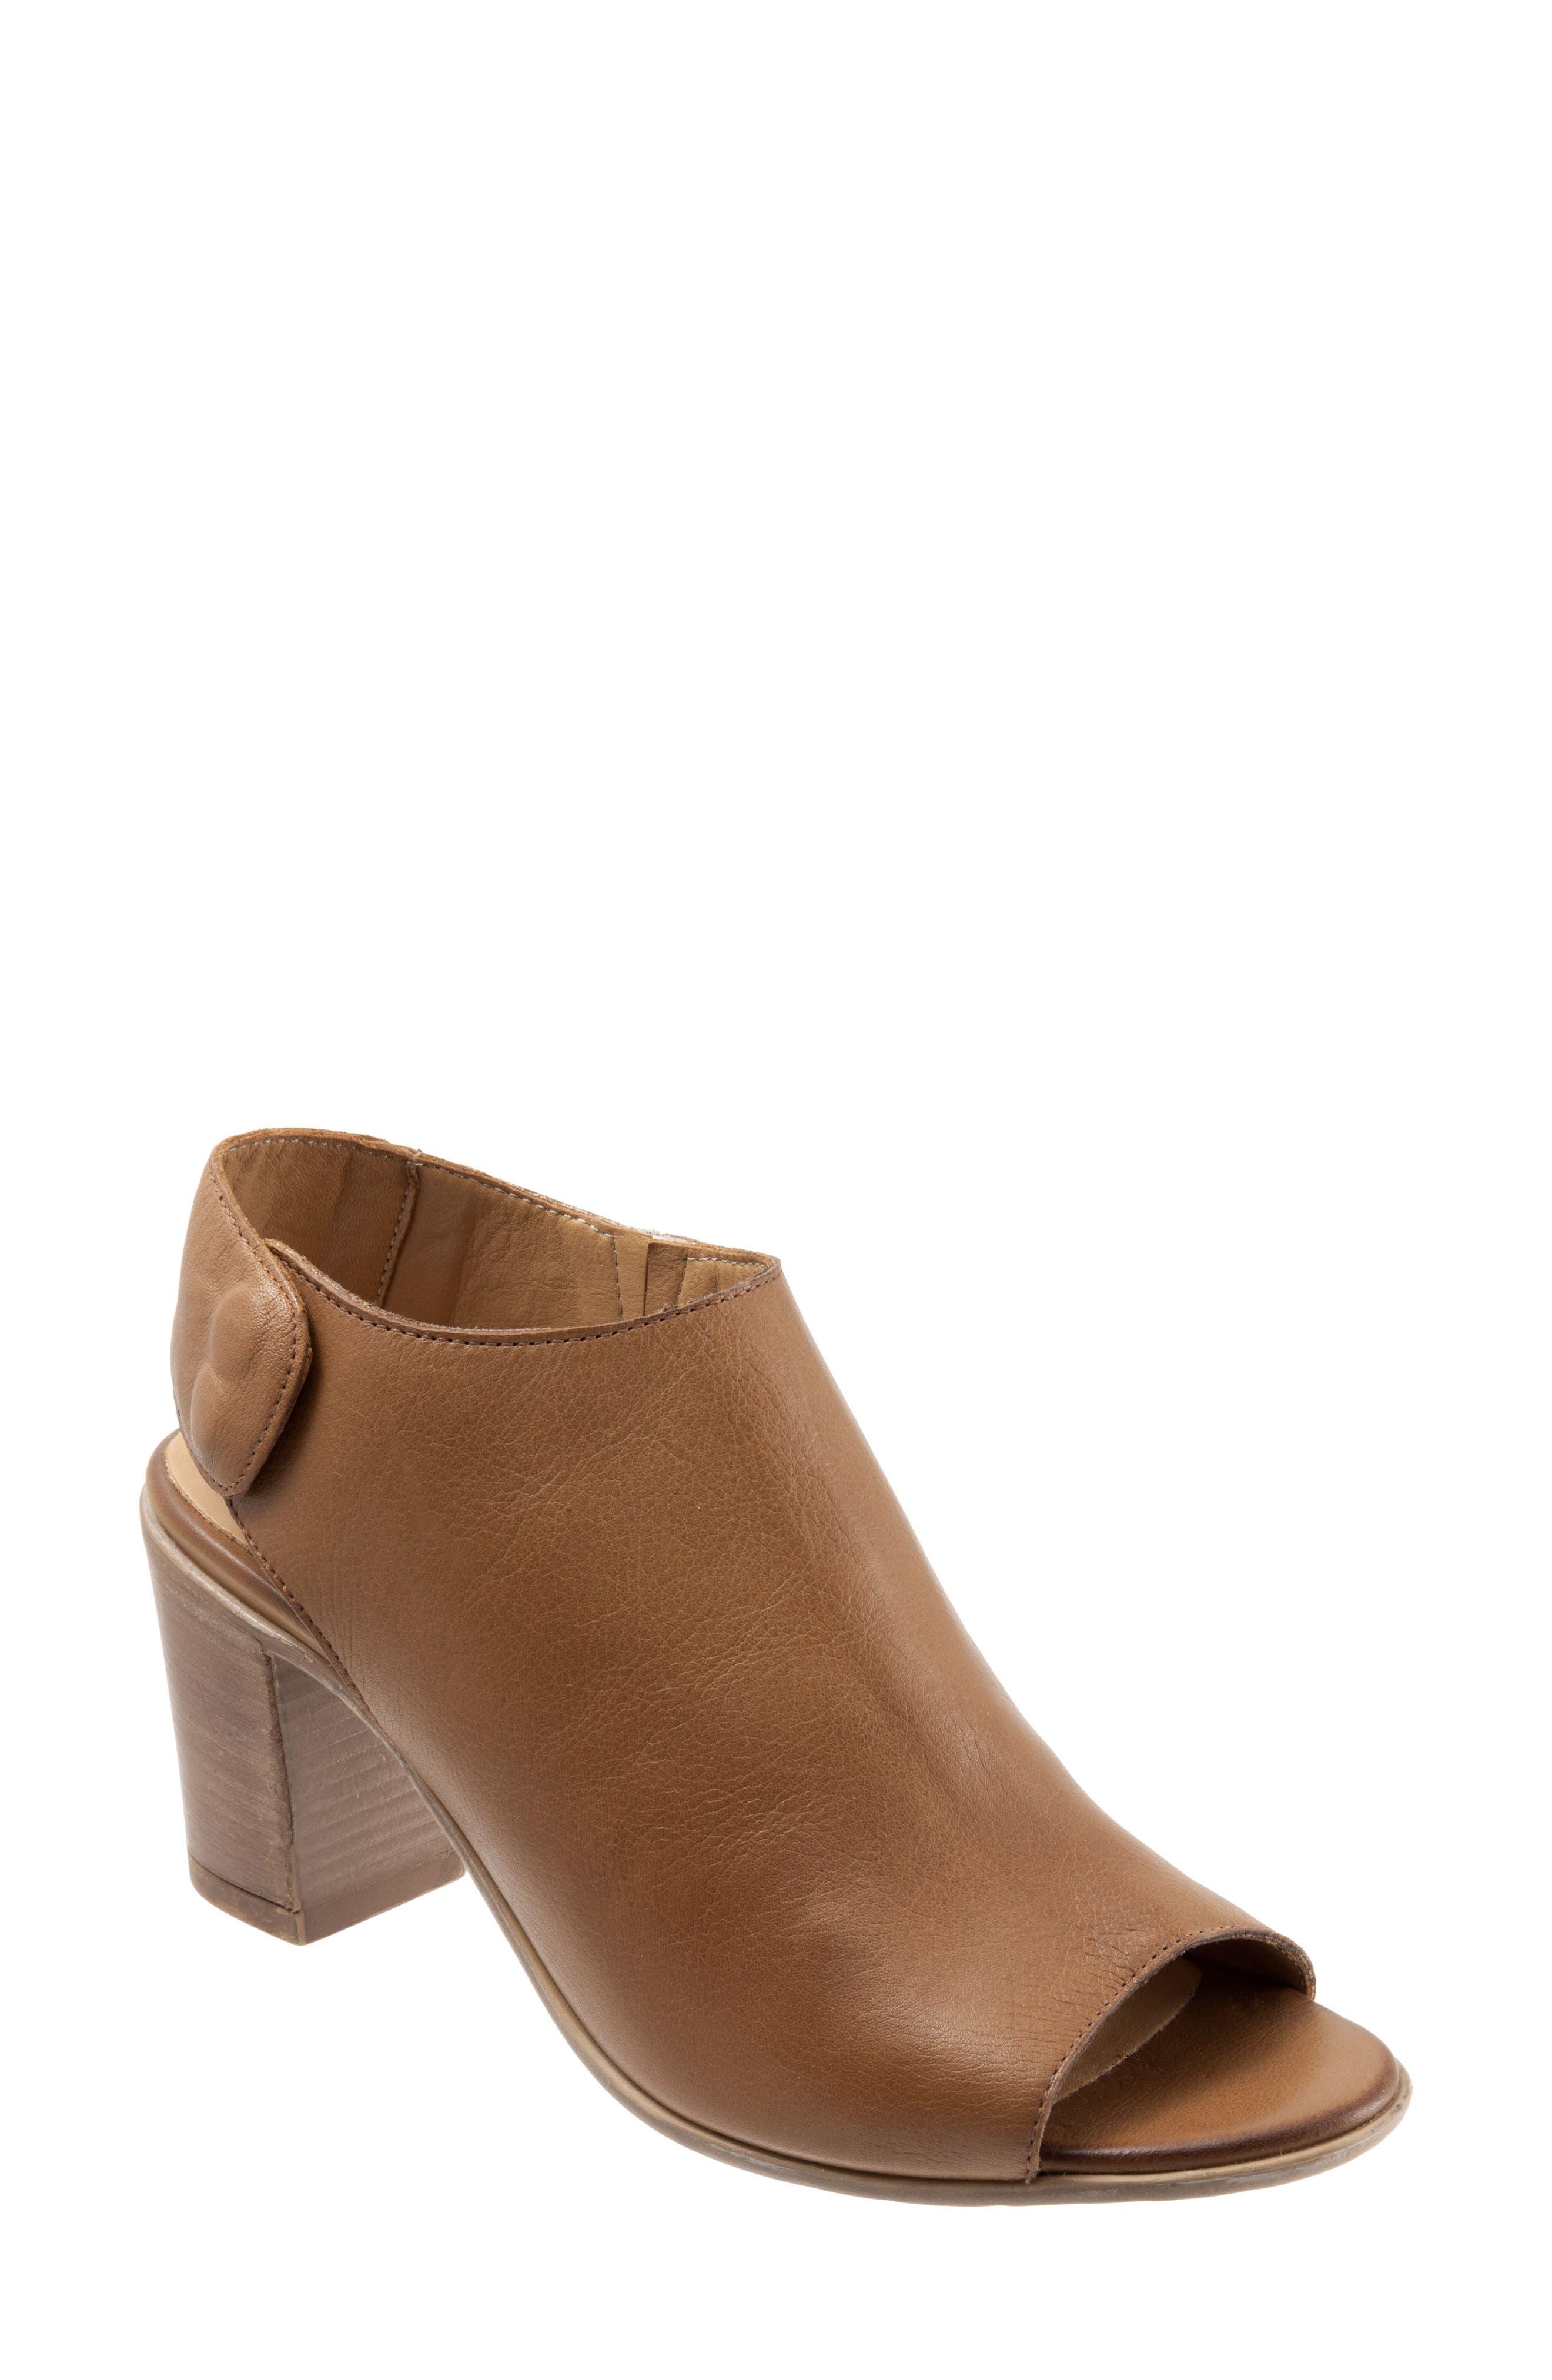 Bueno Umay Slingback Sandal - Brown